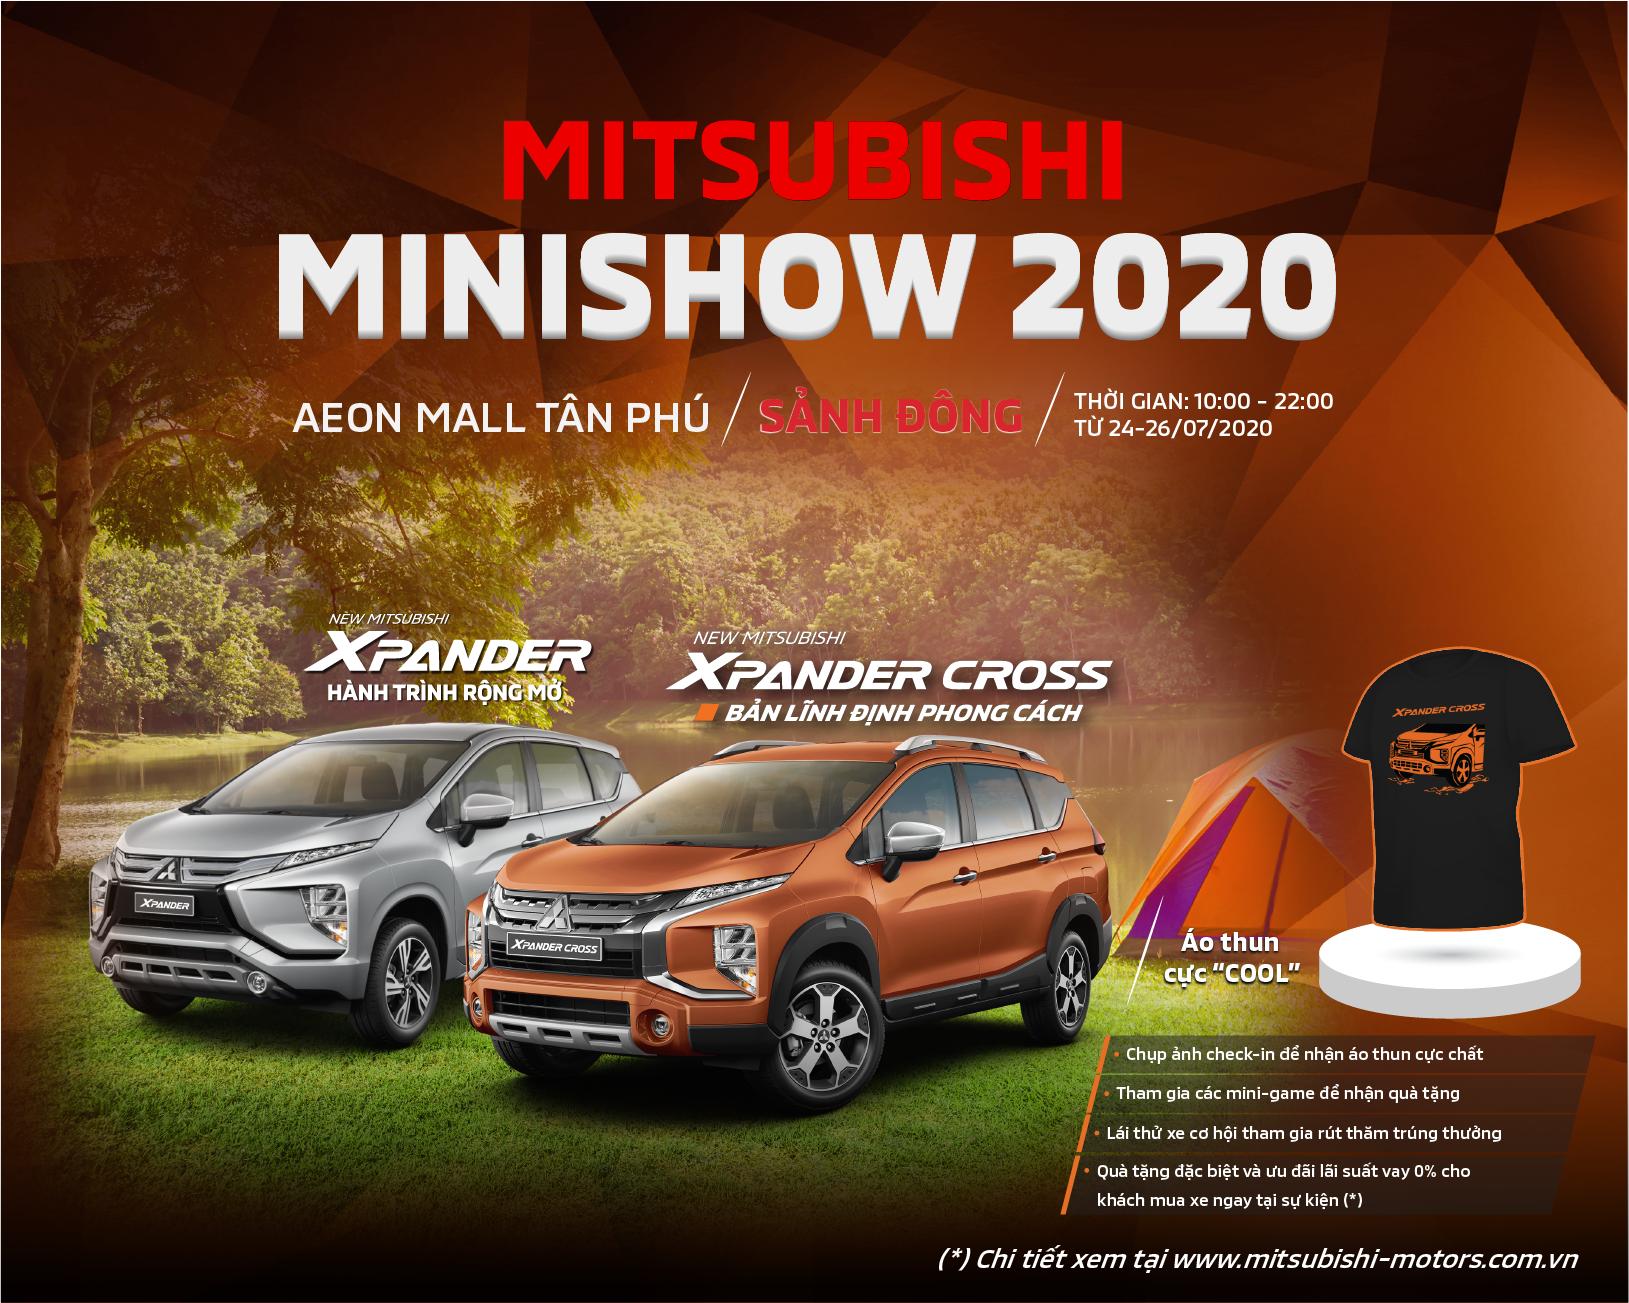 MITSUBISHI MINISHOW 2020 – CHUỖI SỰ KIỆN TRẢI NGHIỆM XPANDER & XPANDER CROSS TẠI CÁC TRUNG TÂM THƯƠNG MẠI TRÊN TOÀN QUỐC